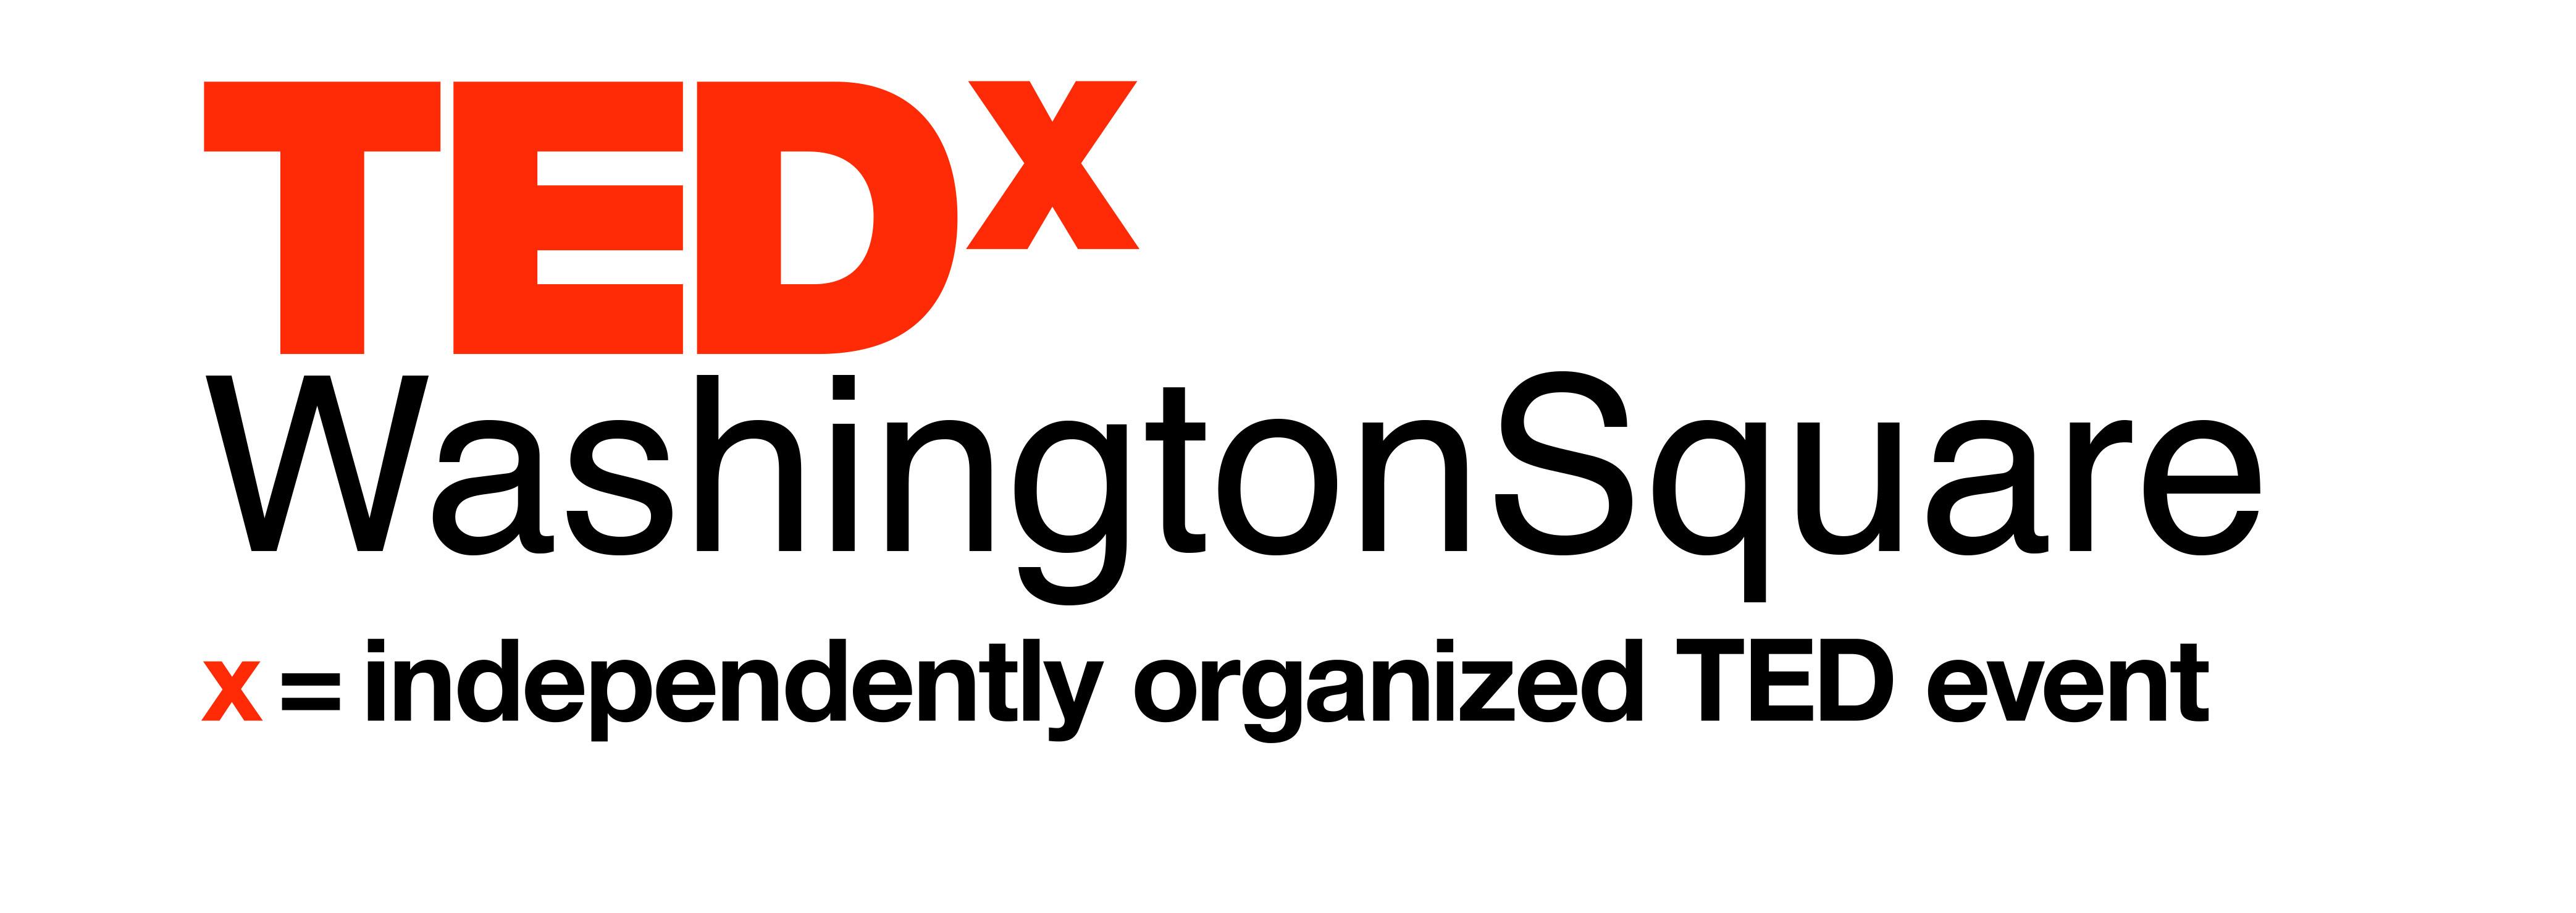 TEDxWashingtonSquare